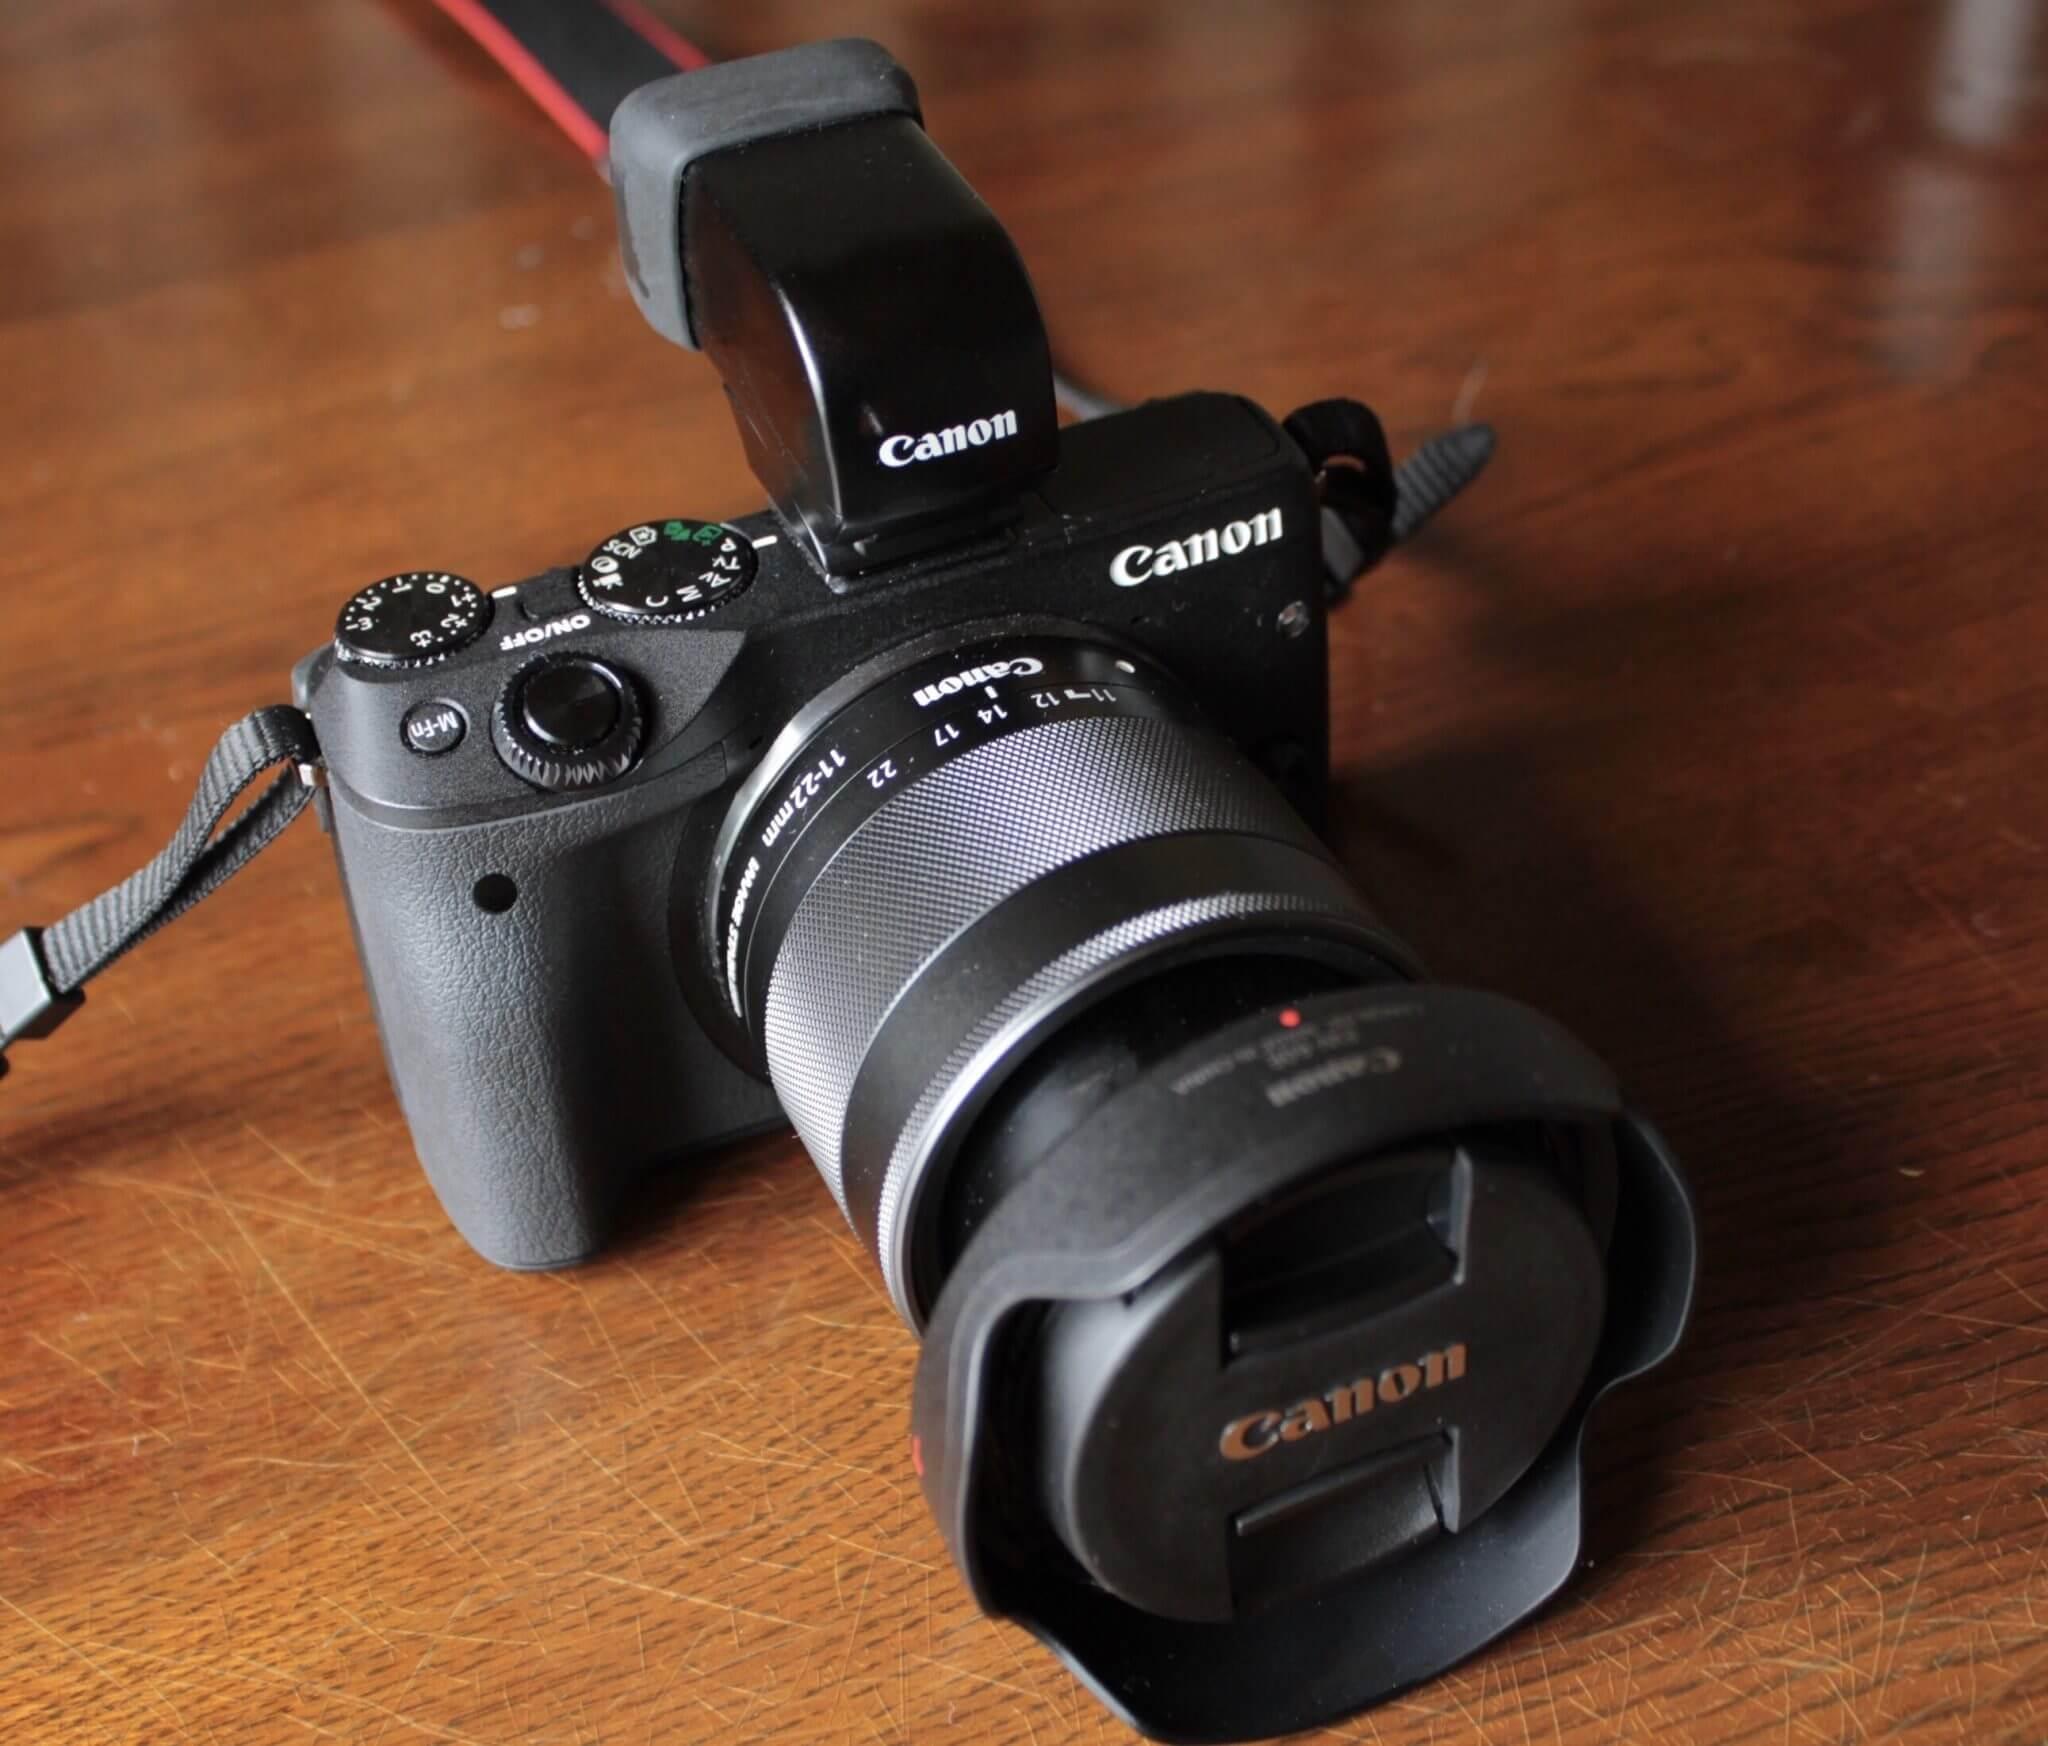 Canon EOS M3に必需品!電子ビューファインダーを紹介します